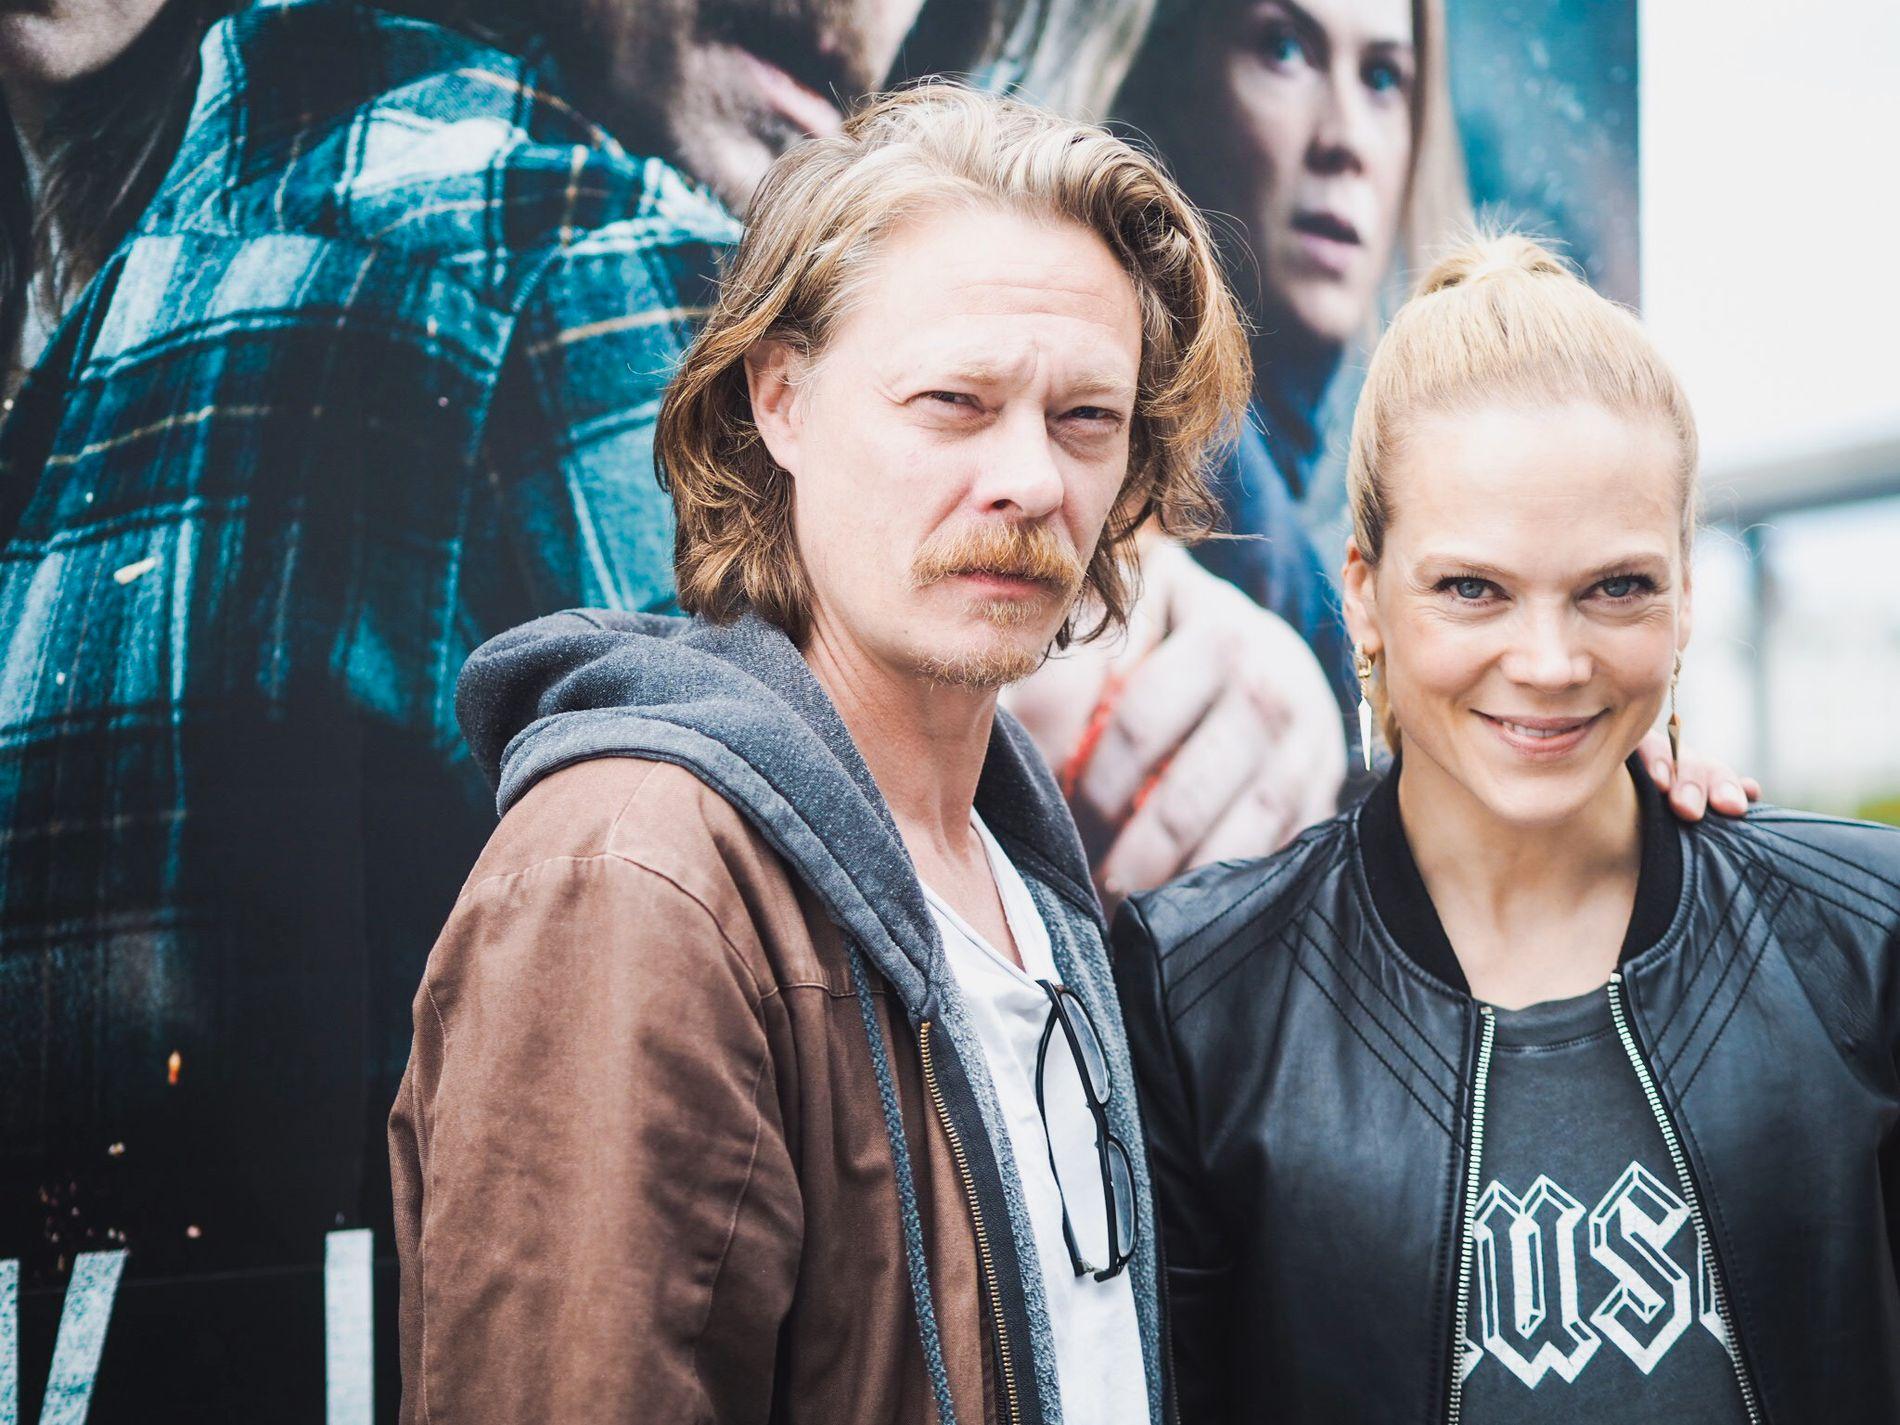 KATASTROFEKLARE: Kristoffer Joner og Ane Dahl Torp spiller hovedrollene i «Skjelvet».